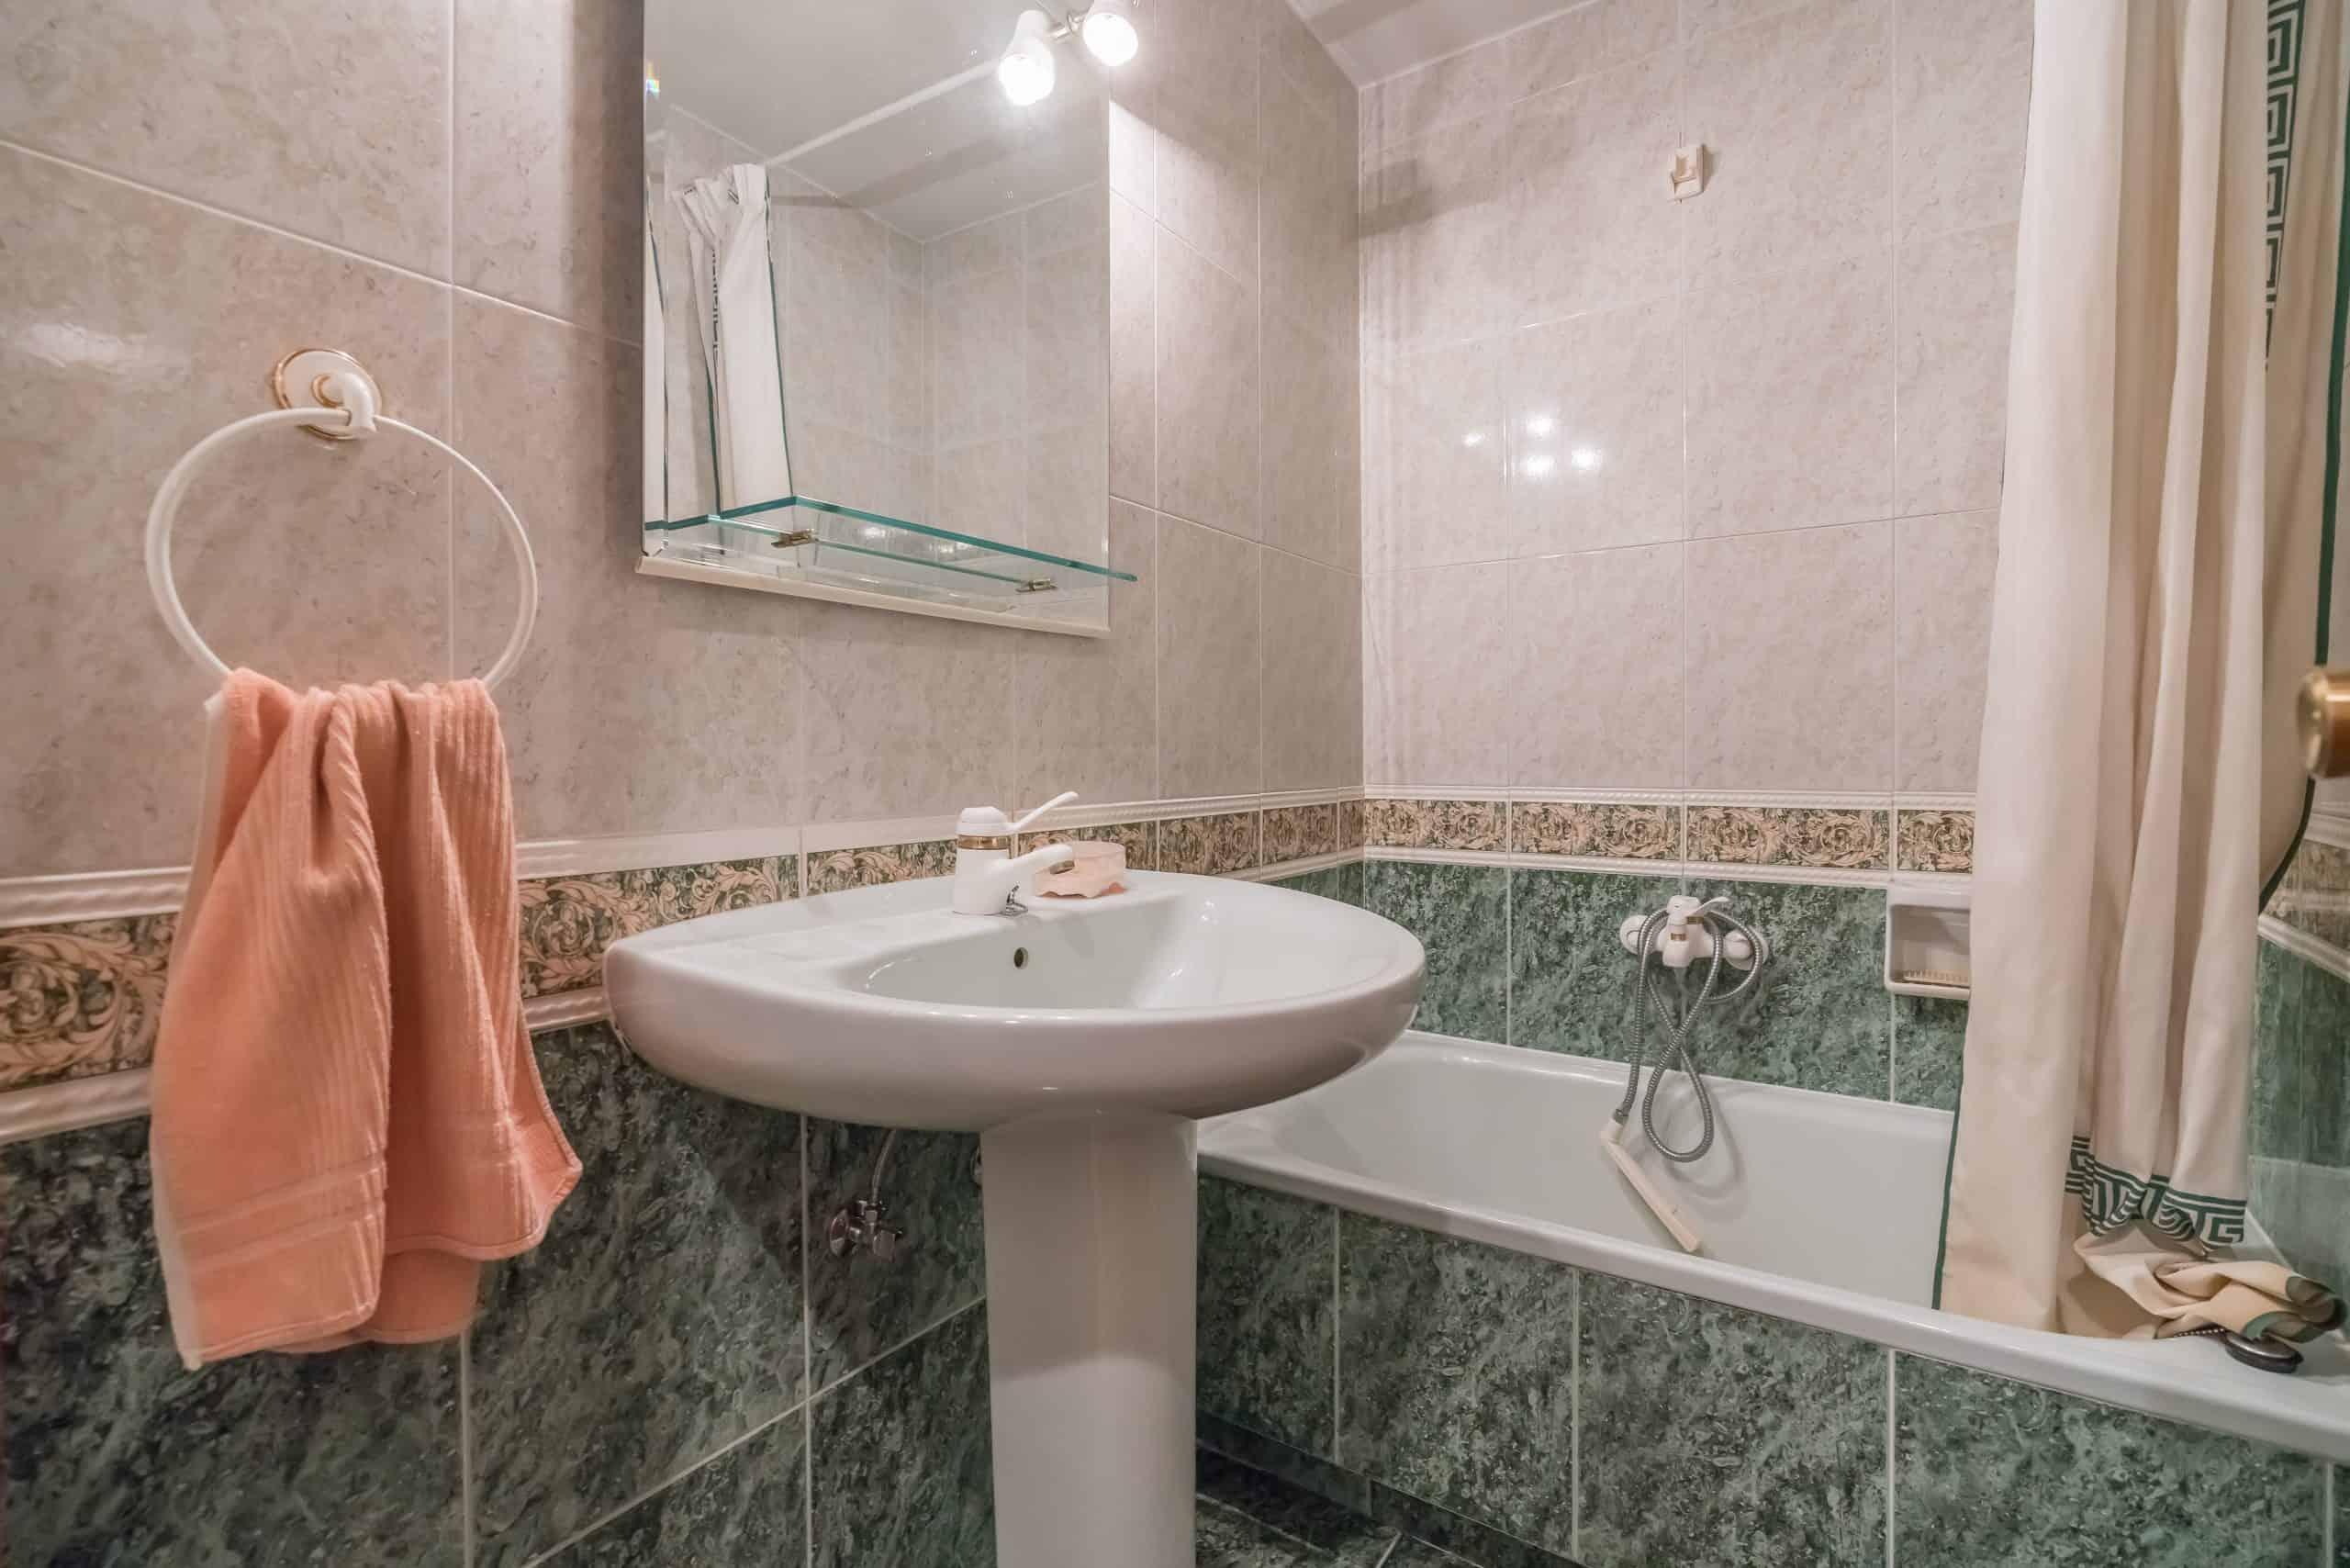 Agencia Inmobiliaria de Madrid-FUTUROCASA-Zona ARGANZUELA-EMBAJADORES-LEGAZPI -calle tomas borras- baño2